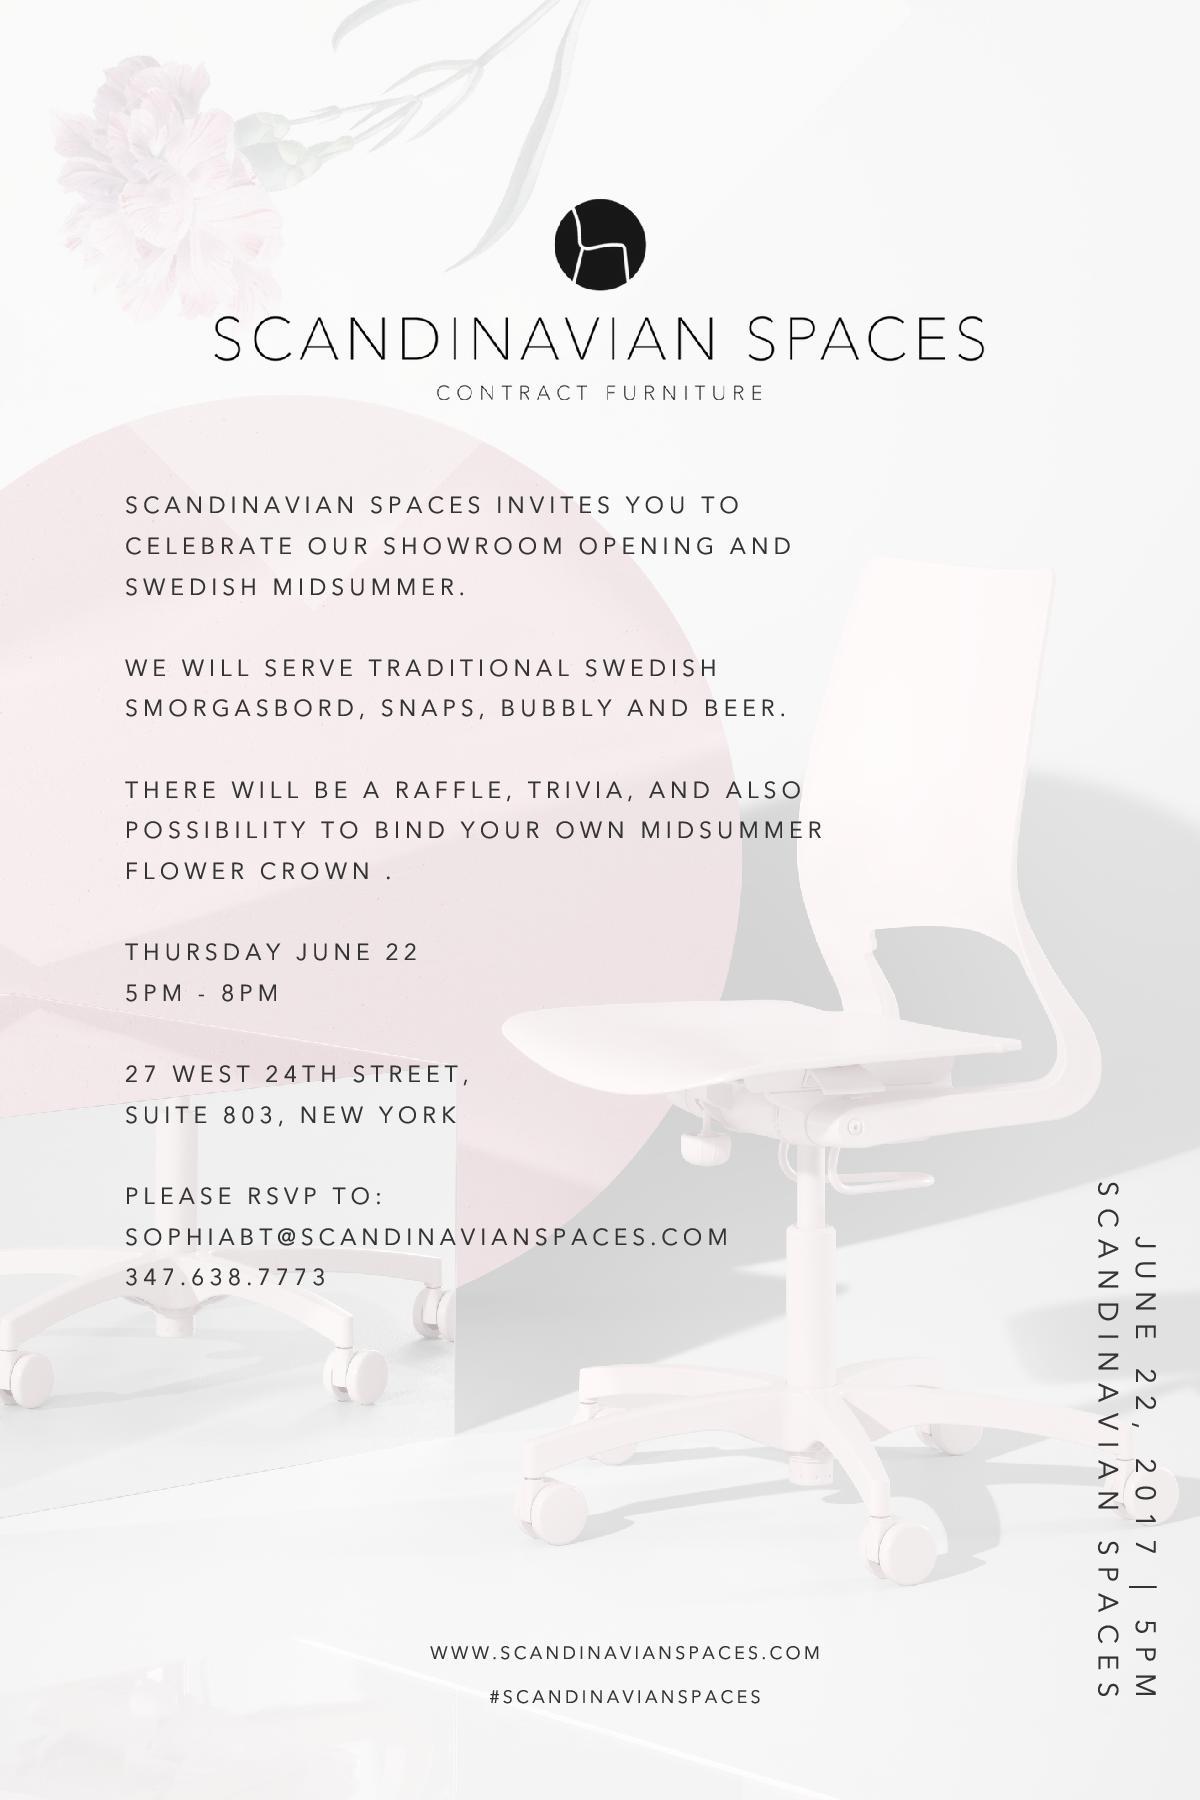 New York Scandinavian Spaces